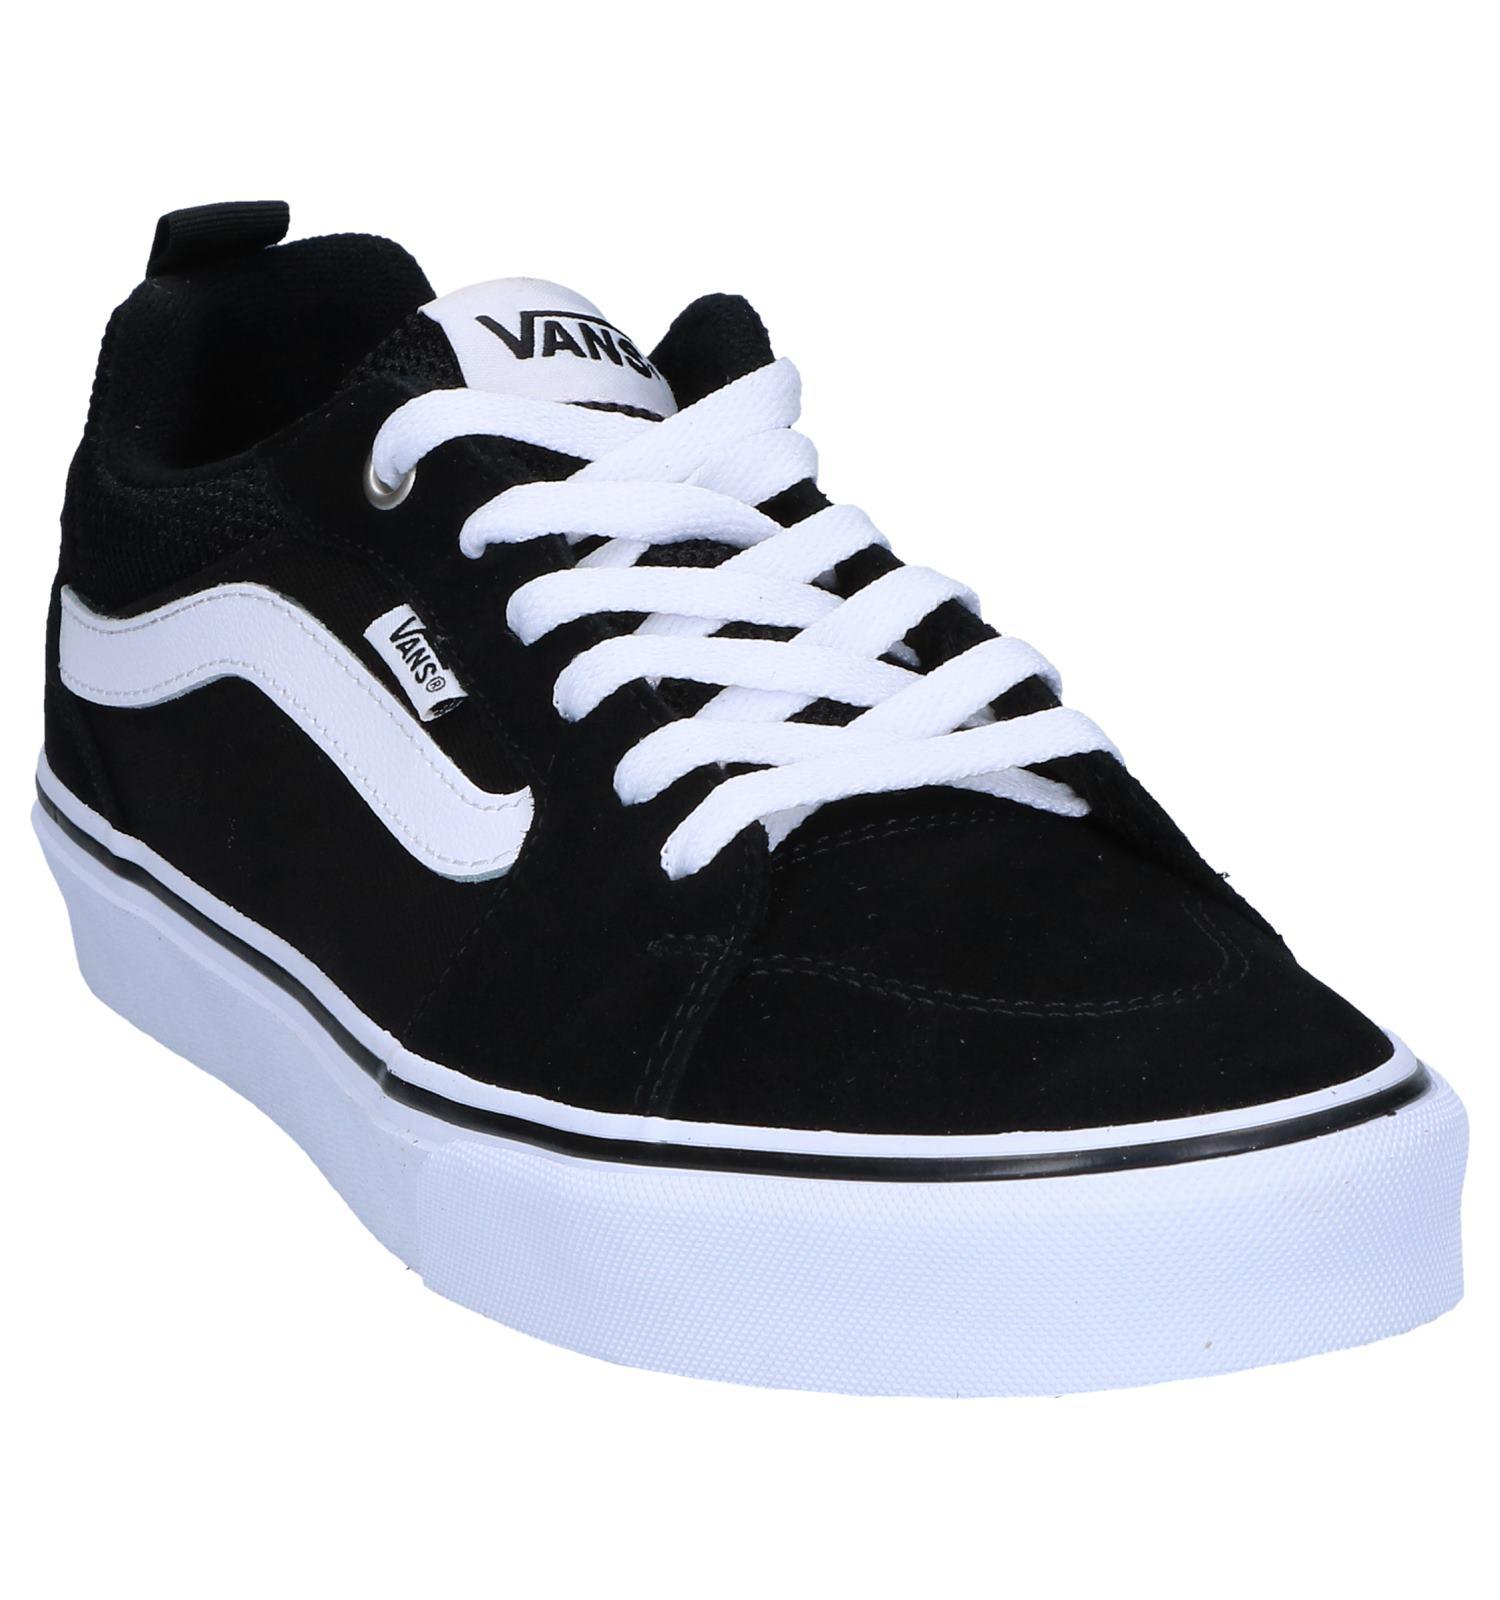 Vans Zwarte Filmore Skateschoenen Filmore Vans Zwarte Vans Skateschoenen Zwarte Filmore Skateschoenen Skateschoenen Zwarte qpLSzVGUM